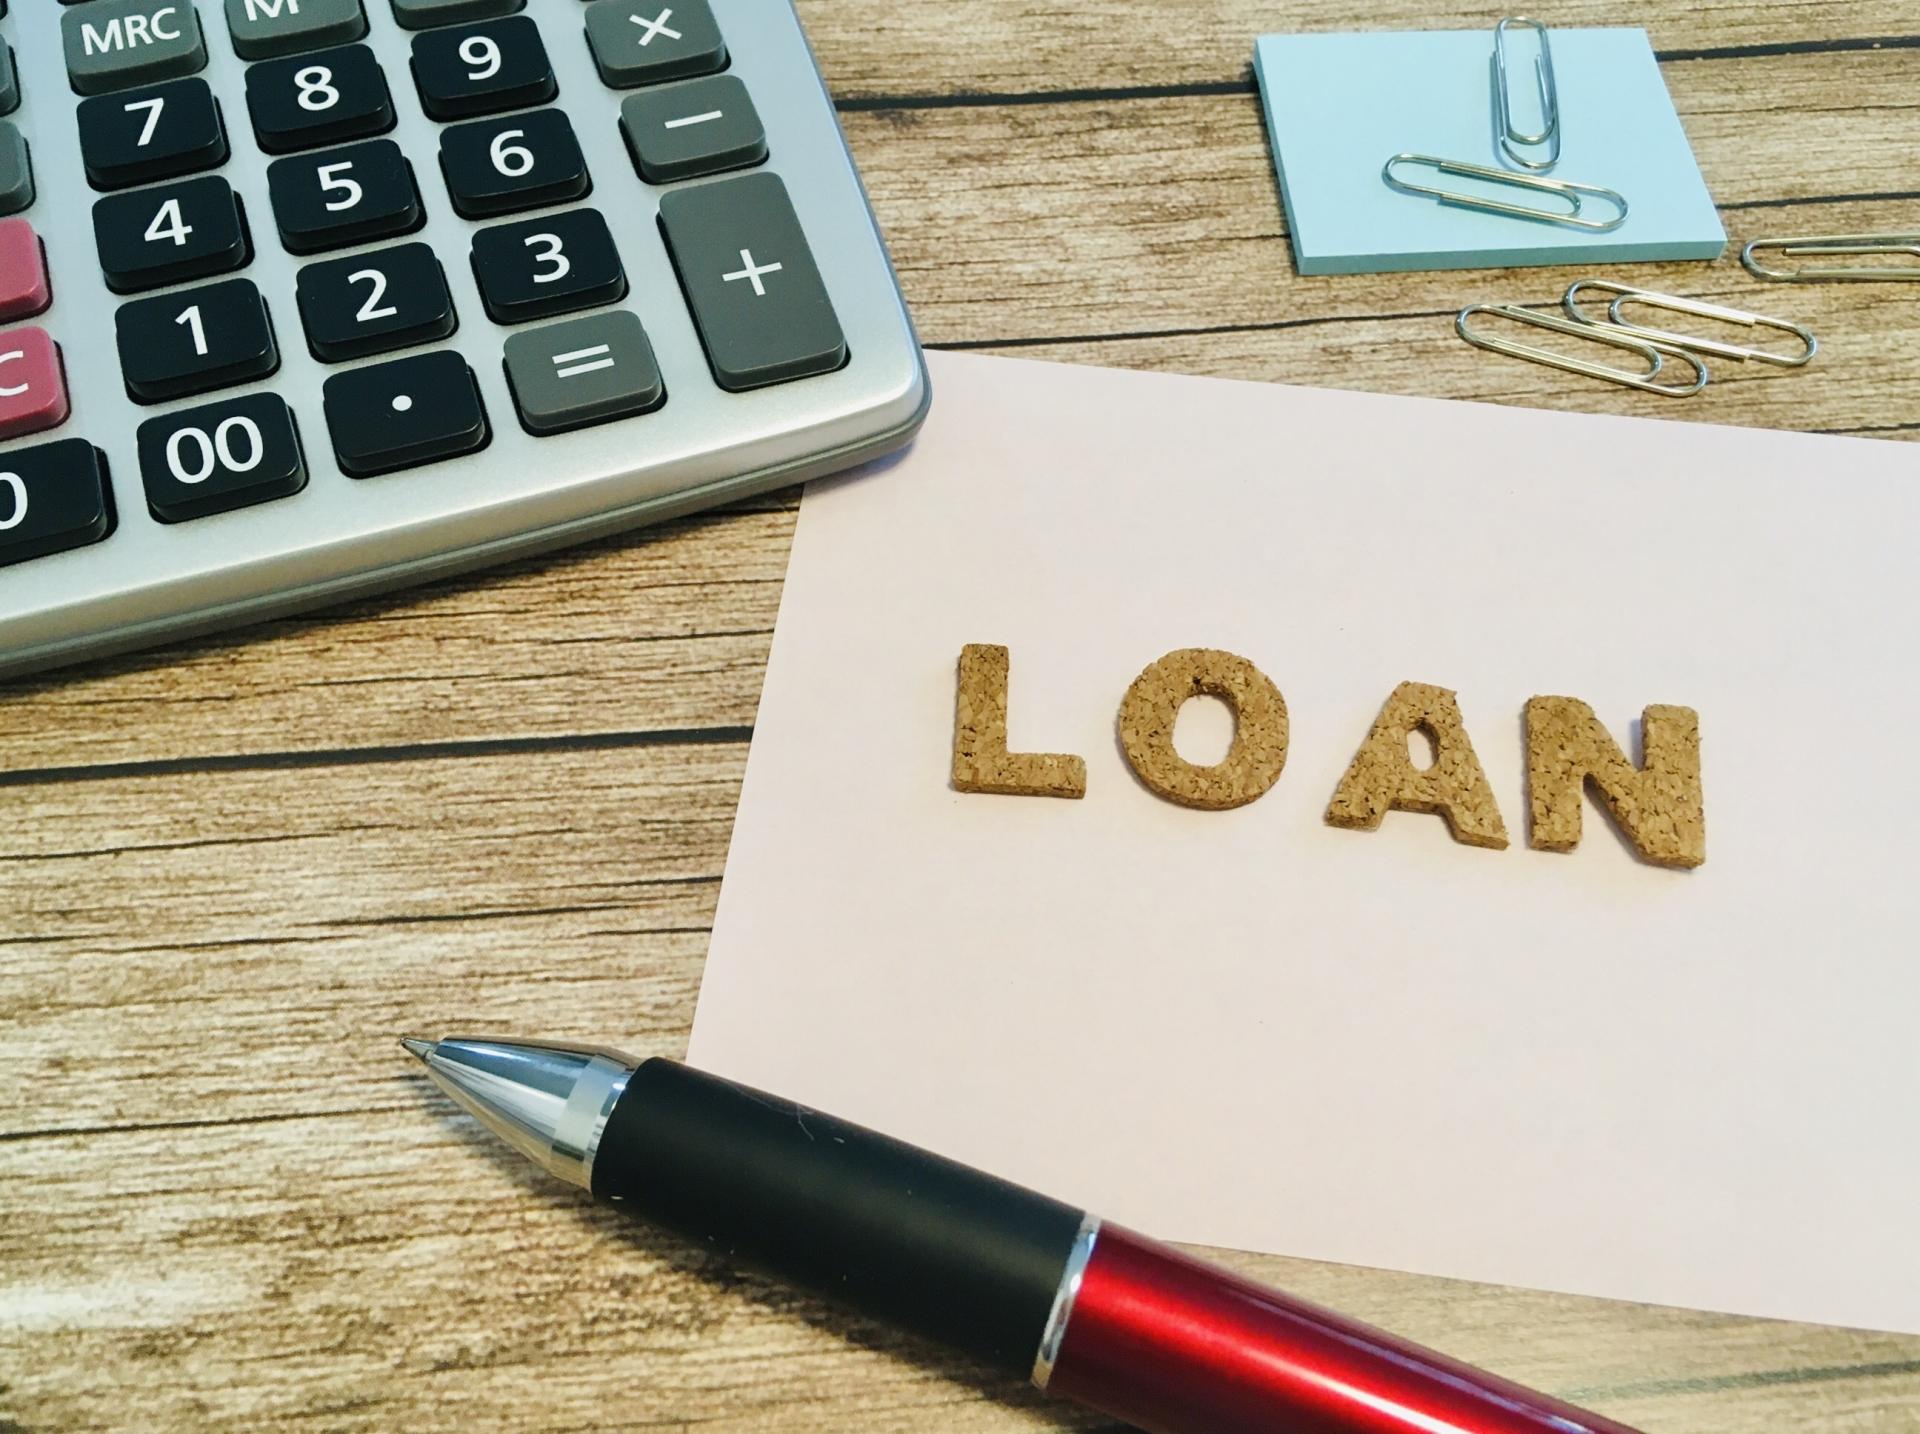 低金利かつ審査・融資スピードが早いおすすめカードローン12選!